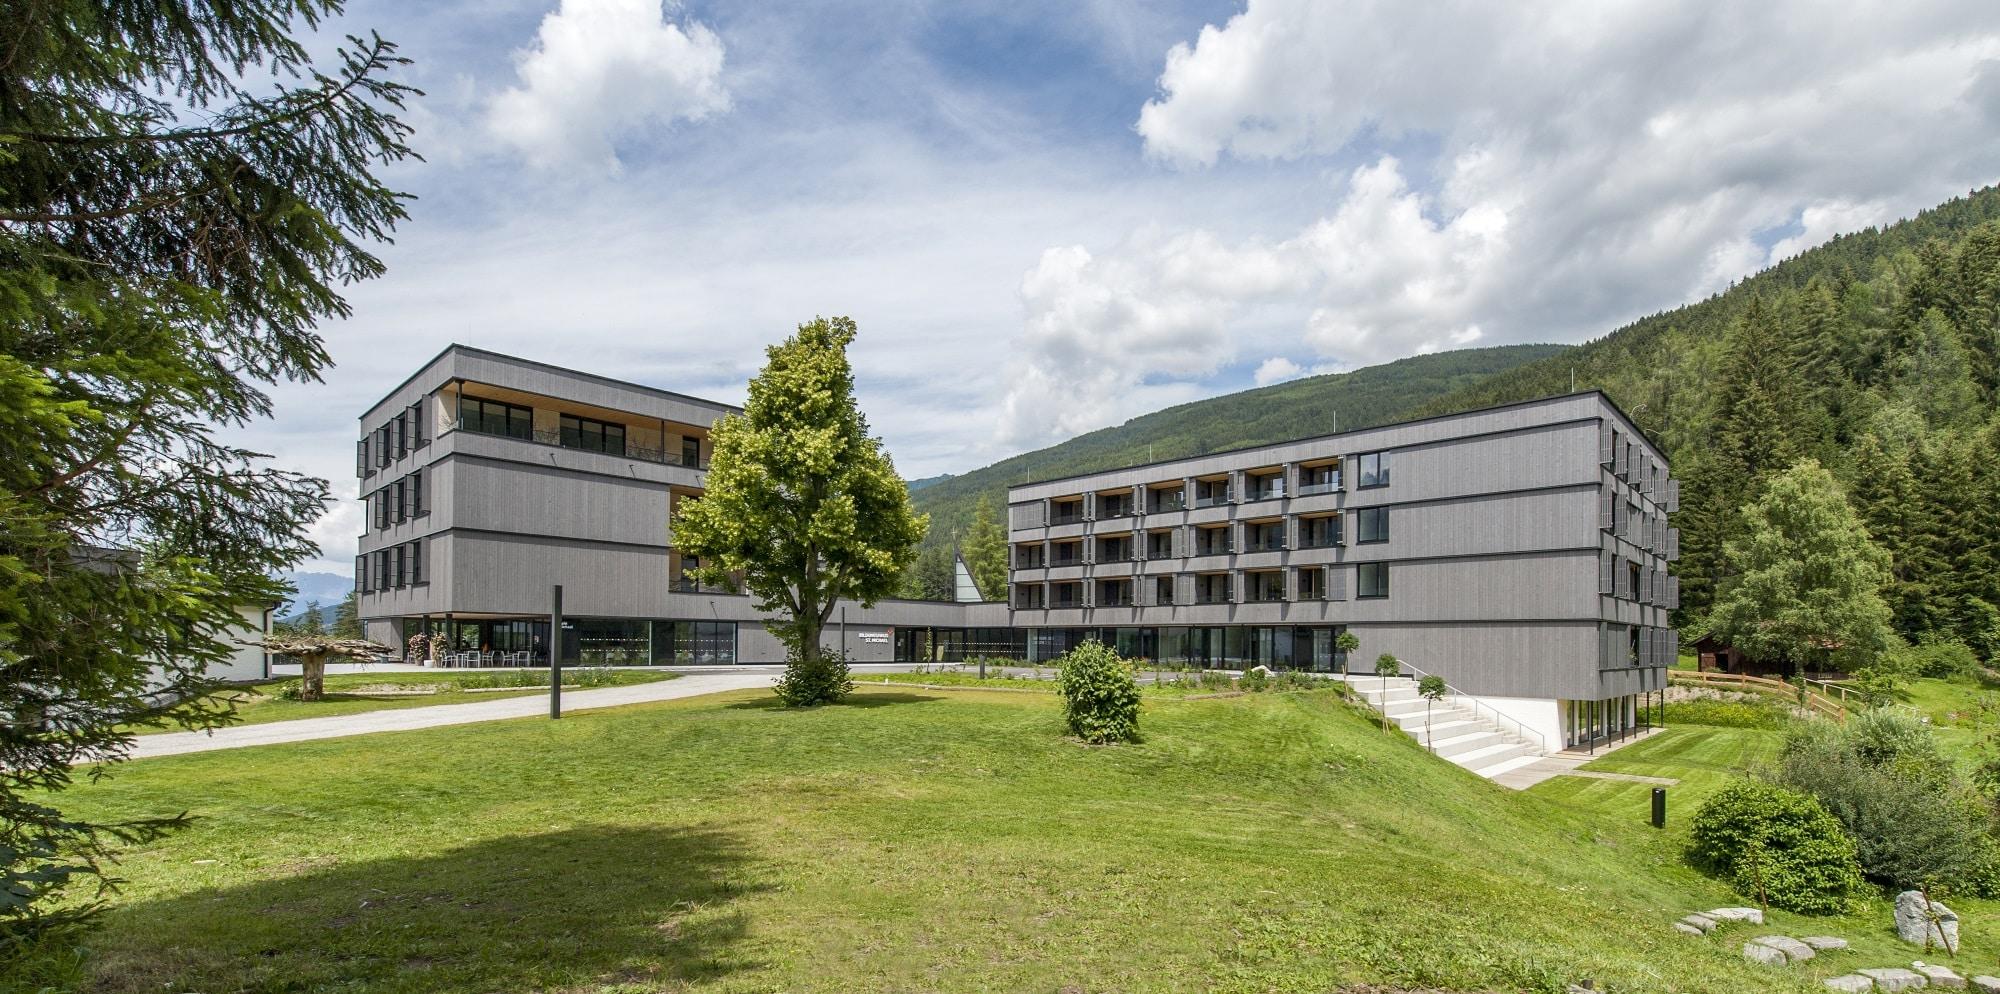 Architektur im Sinne gelebter Nachhaltigkeit